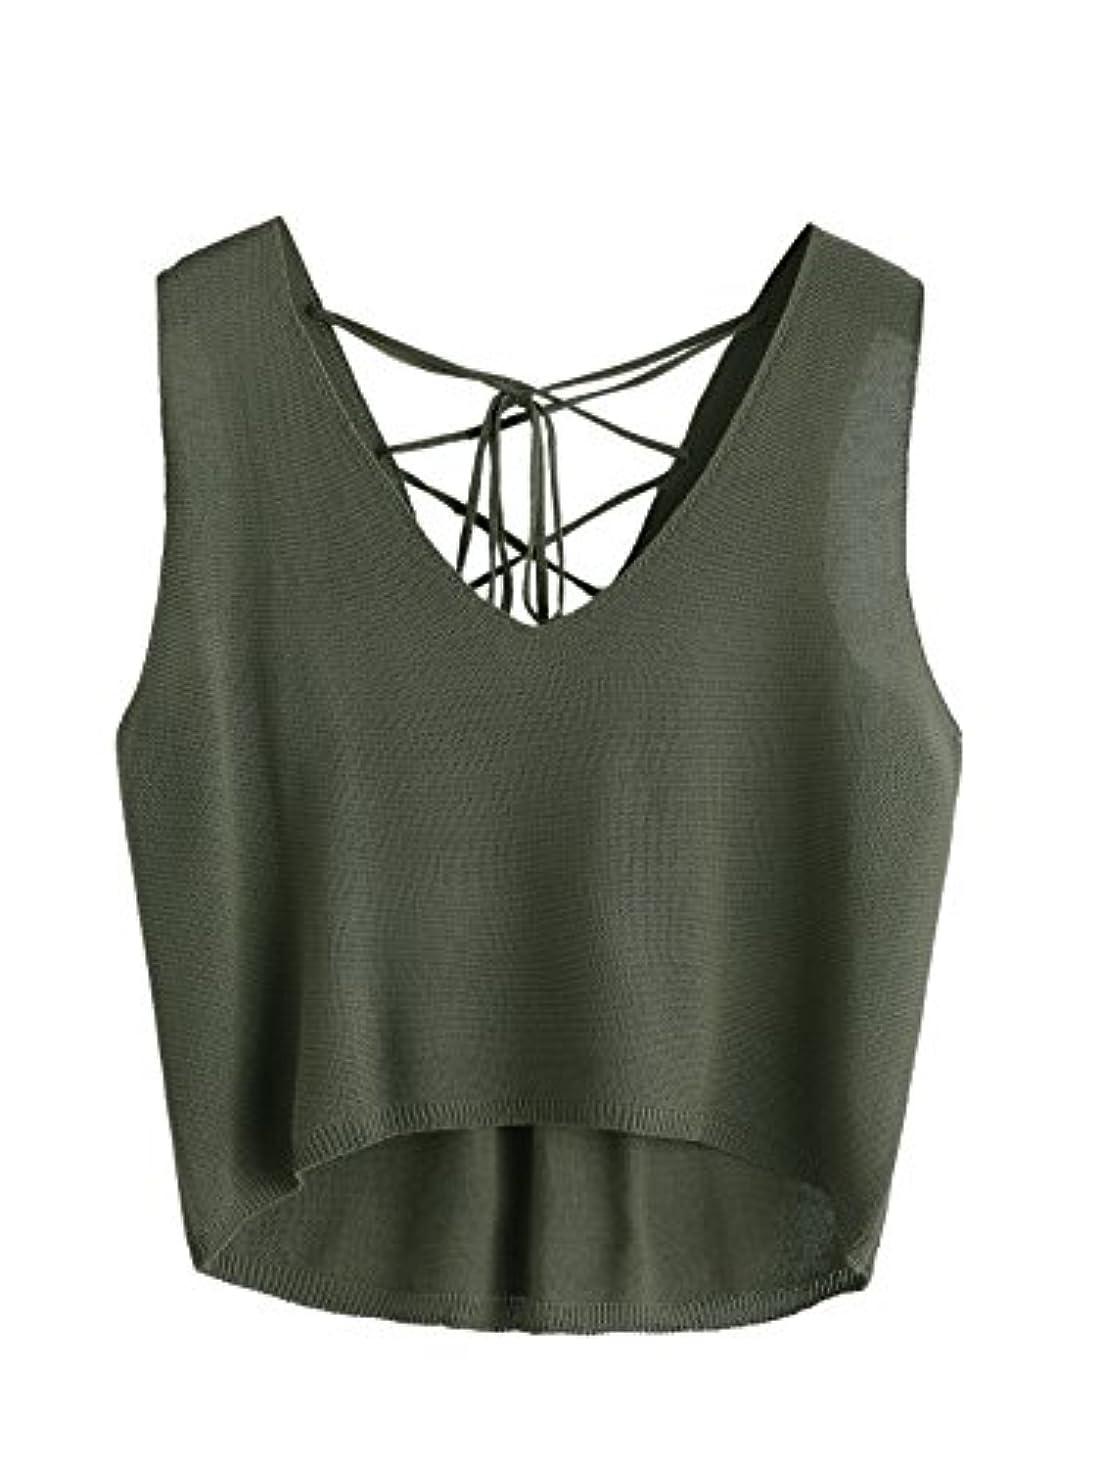 ミュート着る排除MakeMeChic SHIRT レディース カラー: グリーン